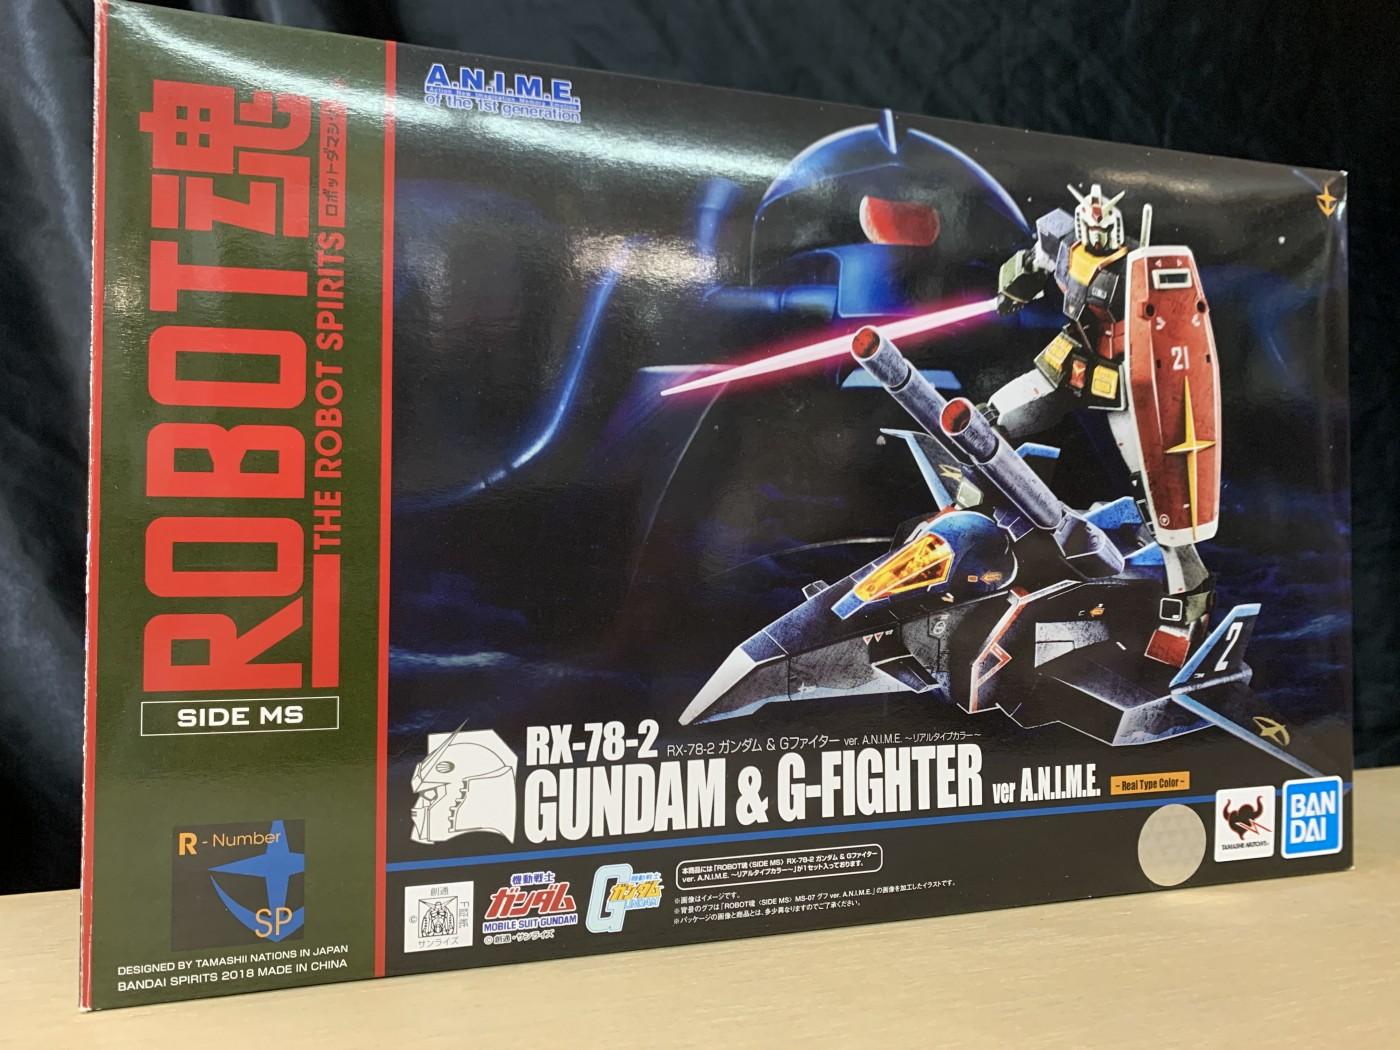 買取情報『バンダイのROBOT魂 〈SIDE MS〉 RX-78-2 ガンダム & Gファイター ver. A.N.I.M.E. リアルタイプカラー』